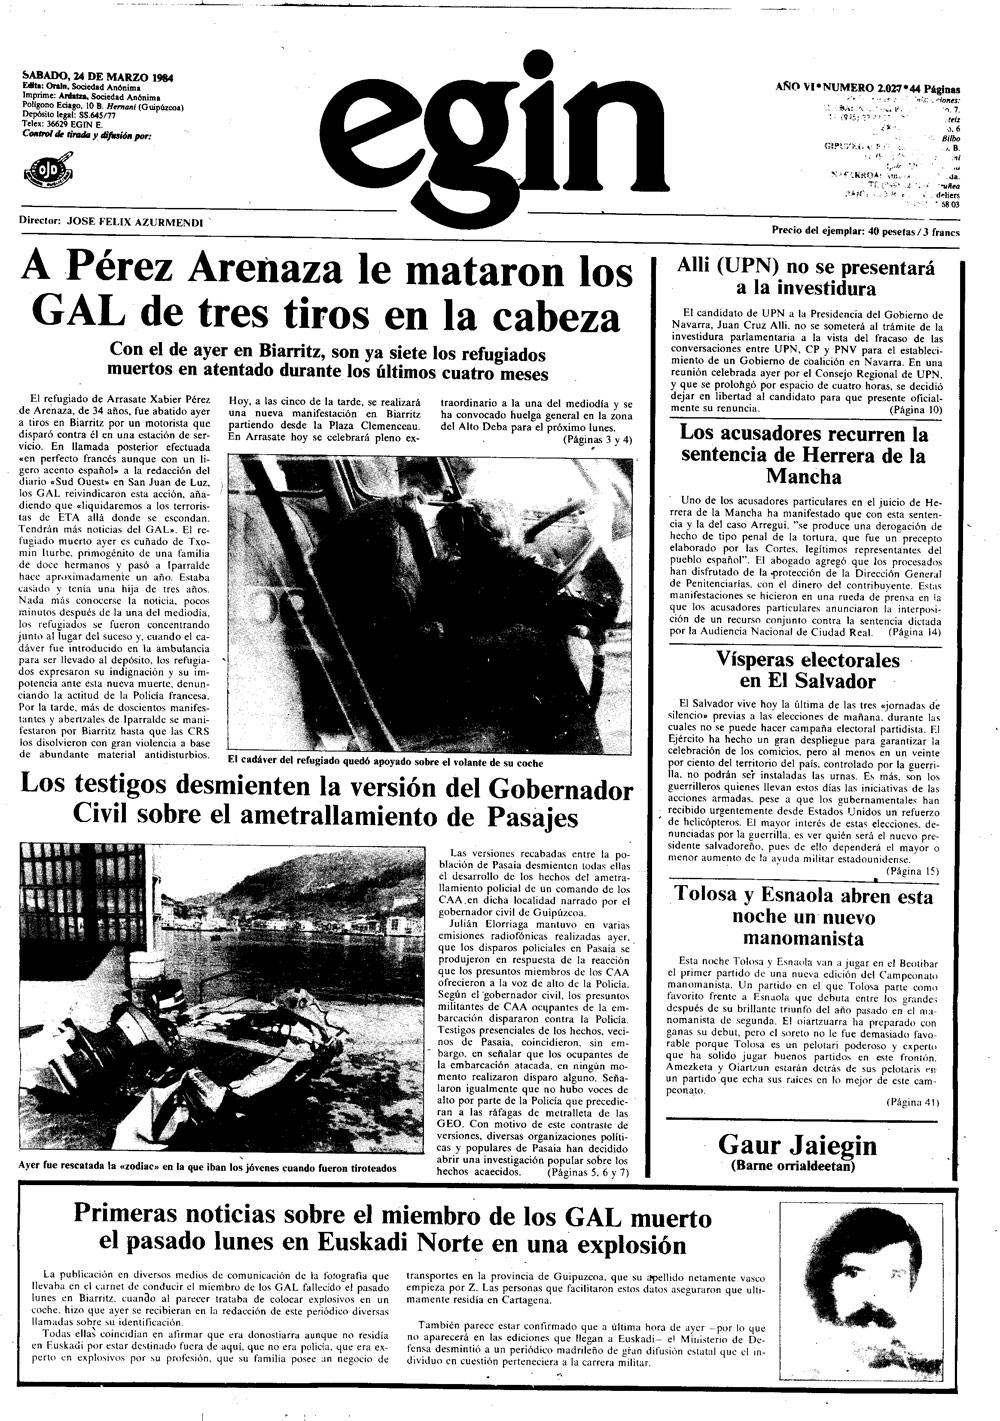 Perez Arenaza